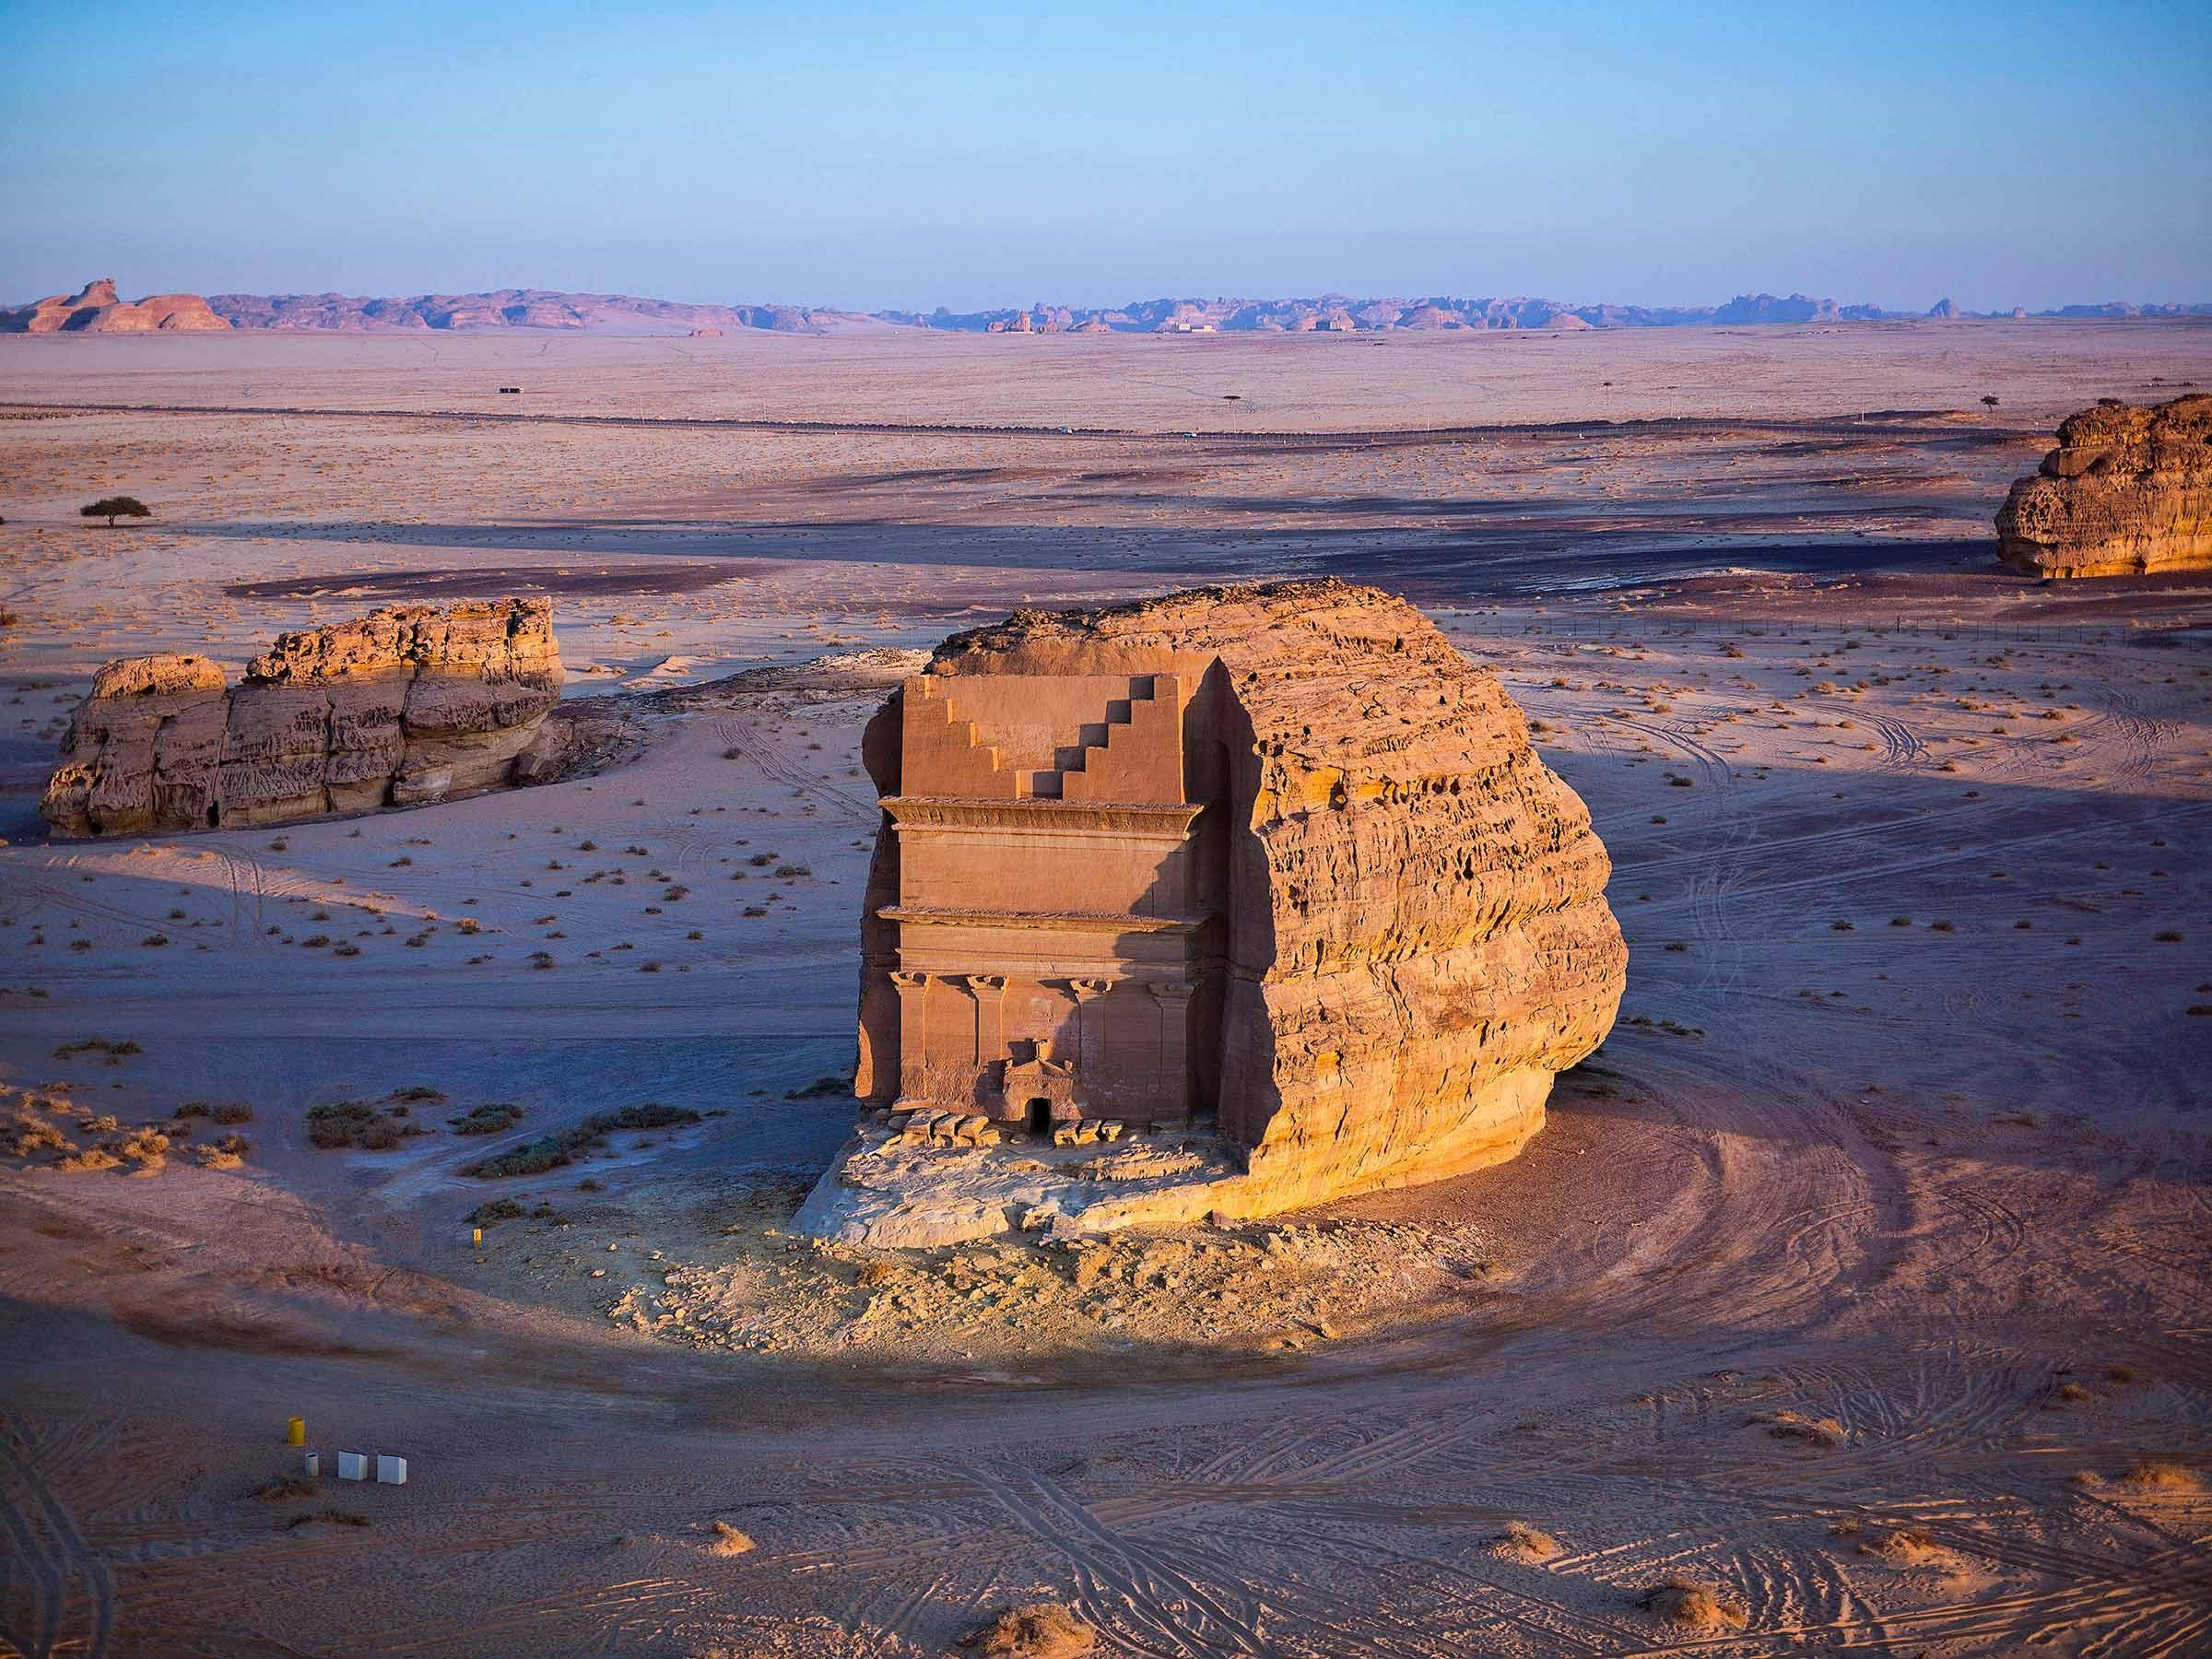 Những điểm du lịch hấp dẫn ở Saudi Arabia - Ảnh 8.